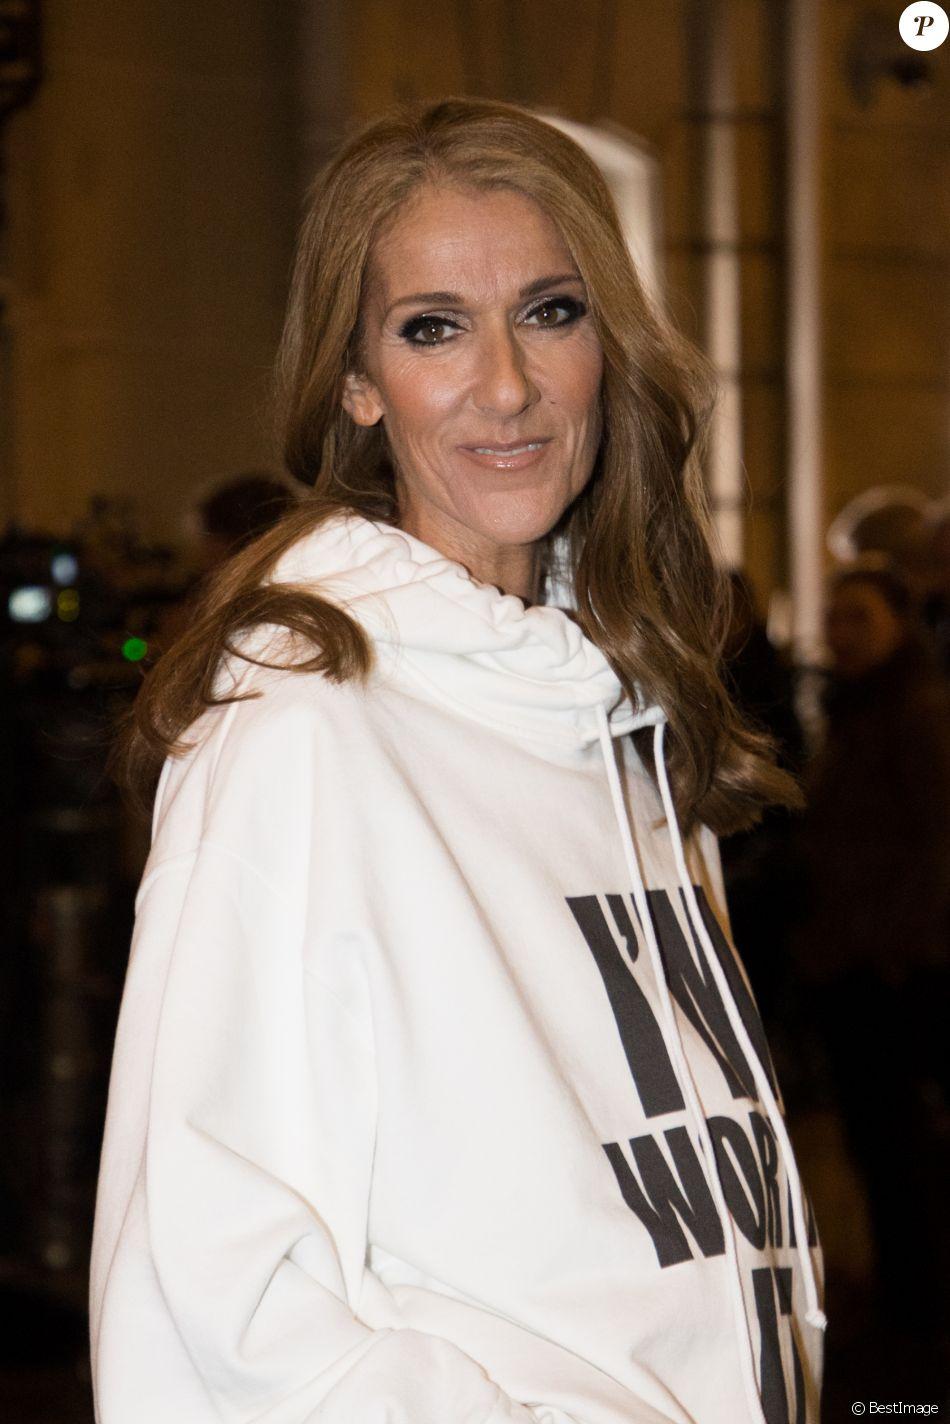 Céline Dion à la sortie de l'hôtel Plaza Athénée après le tournage pour l'Oréal à Paris, France, le 30 janvier 2019.